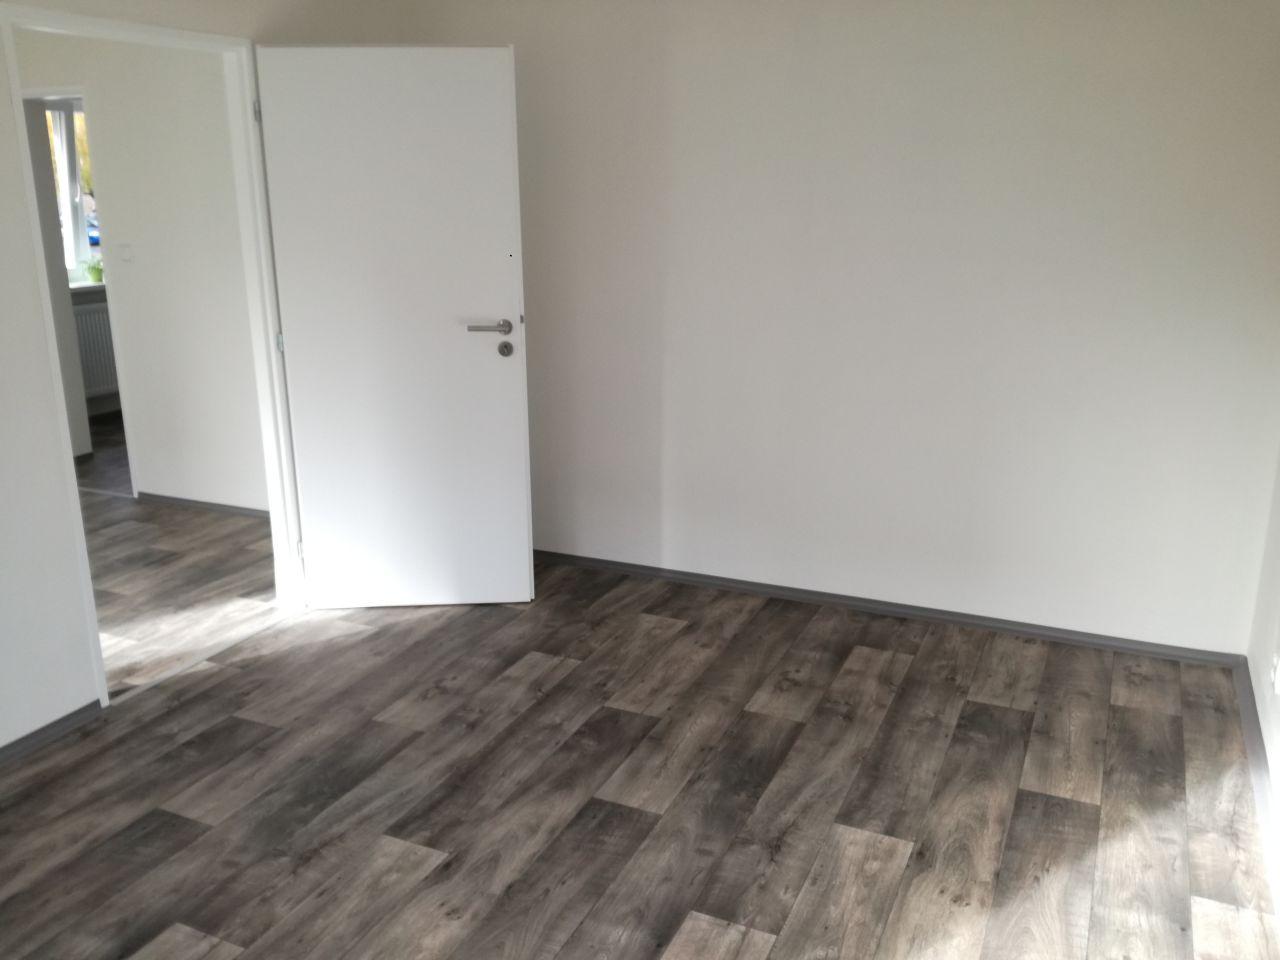 Pronájem bytu 2+1 48 m2, ul. Čujkovova 1751/55, Ostrava - Zábřeh